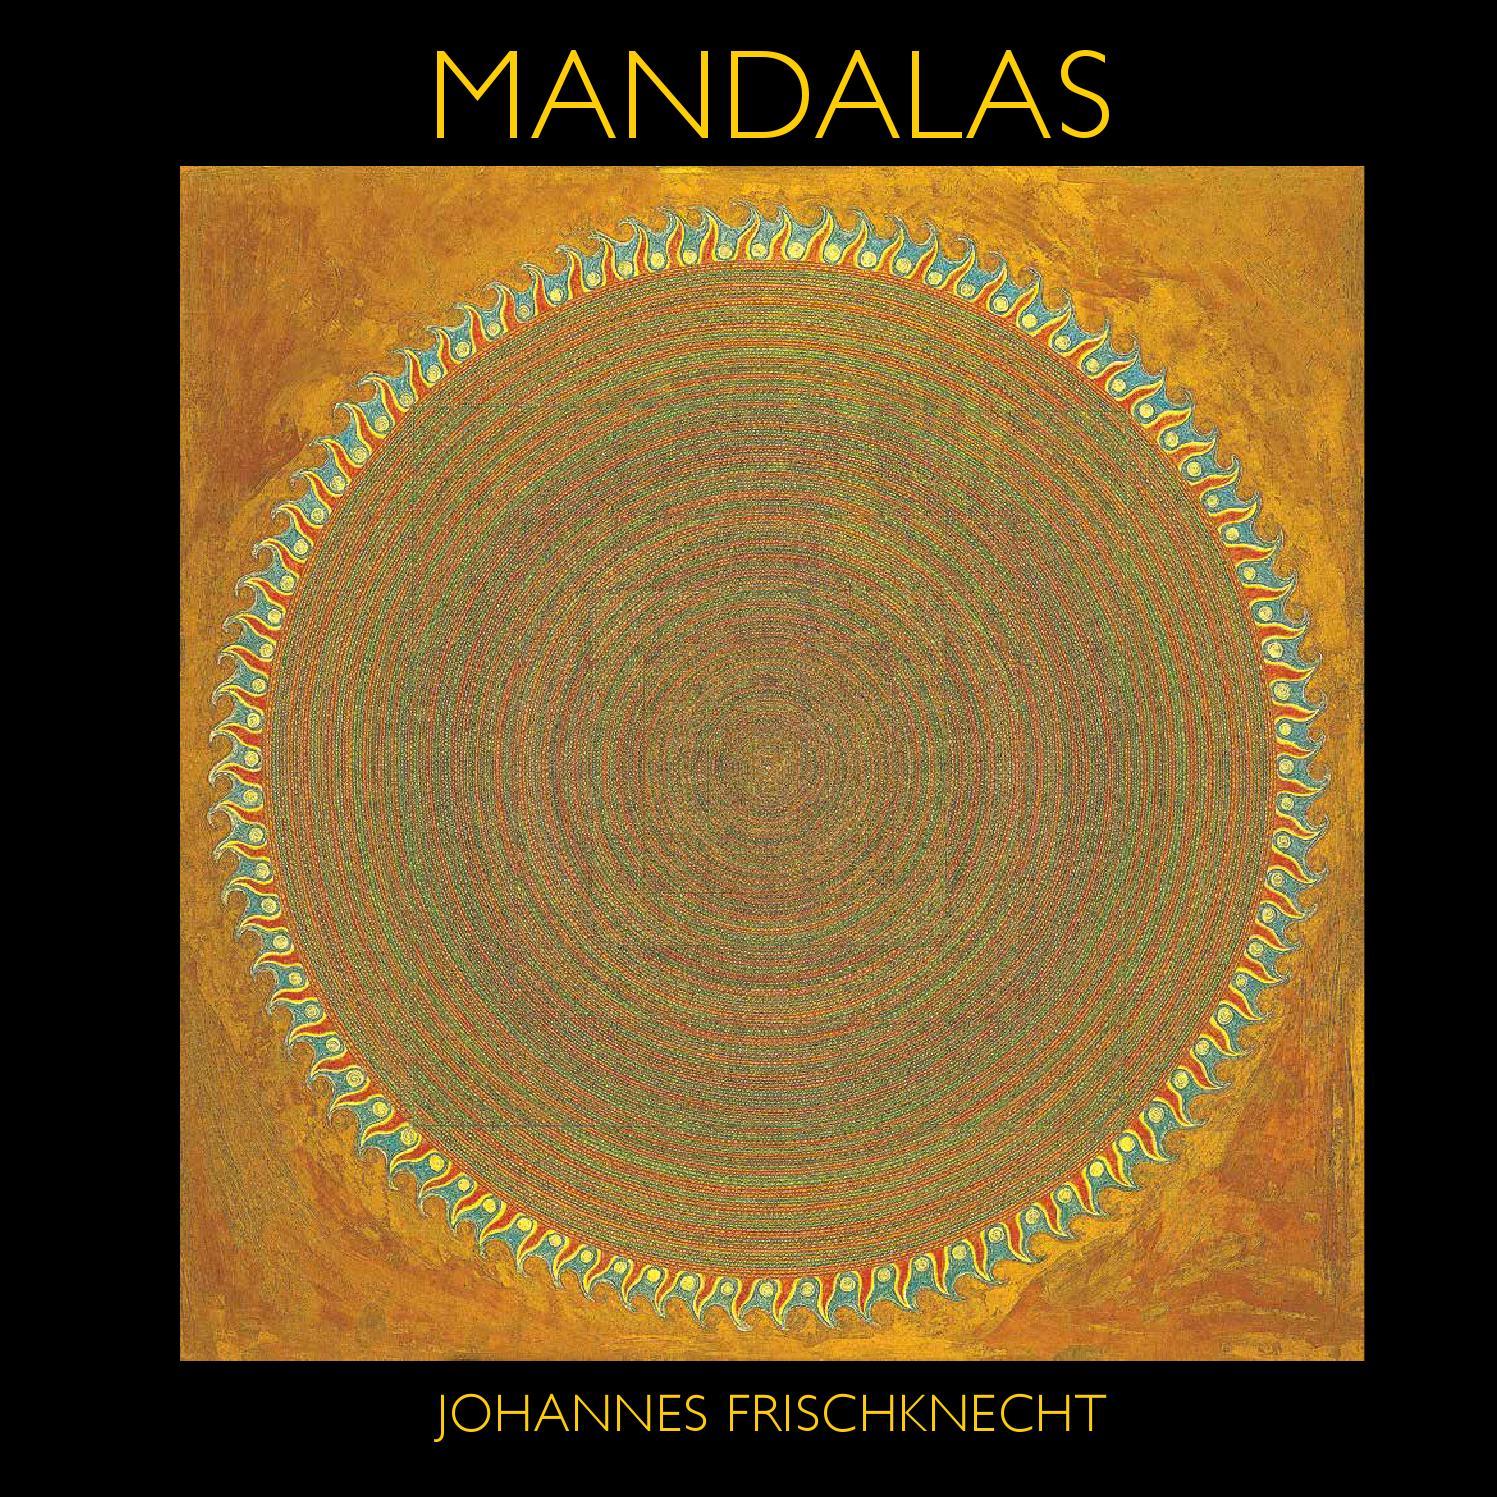 Mandalas By Johannes Frischknecht CrossCulture